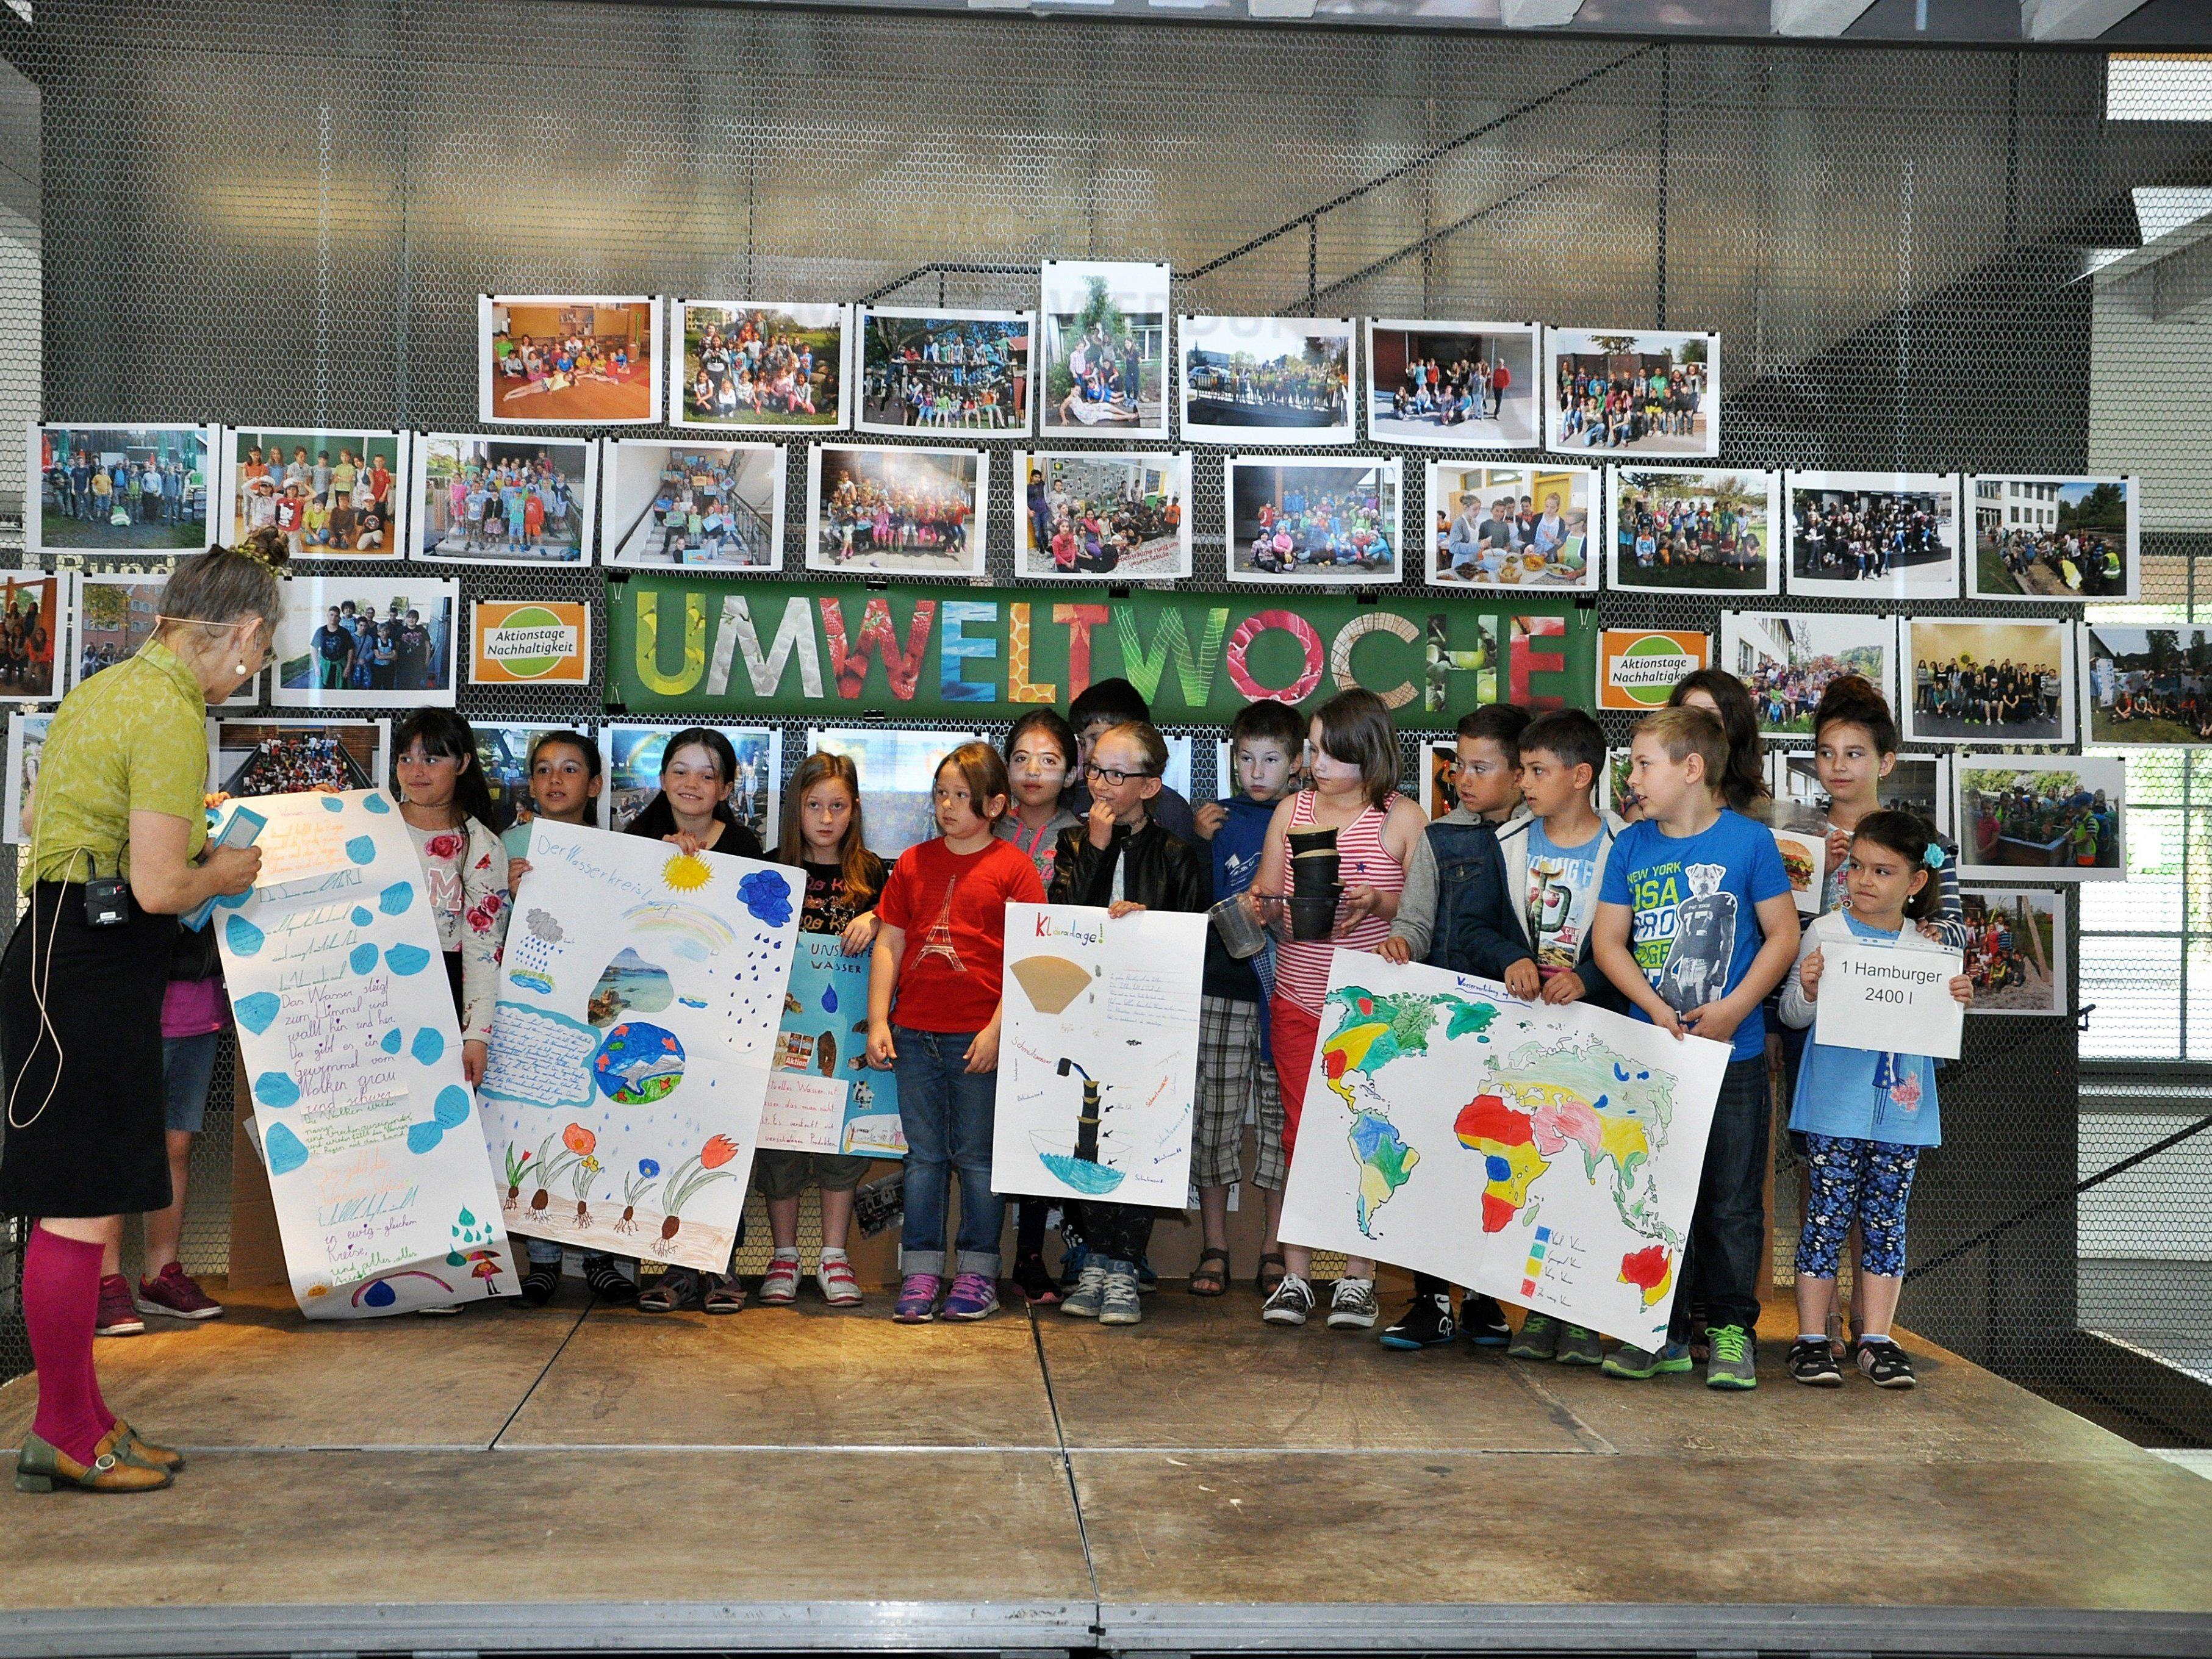 Ein Teil der Projekte wurde bei den Schulaktionstagen in der inatura vorgestellt.